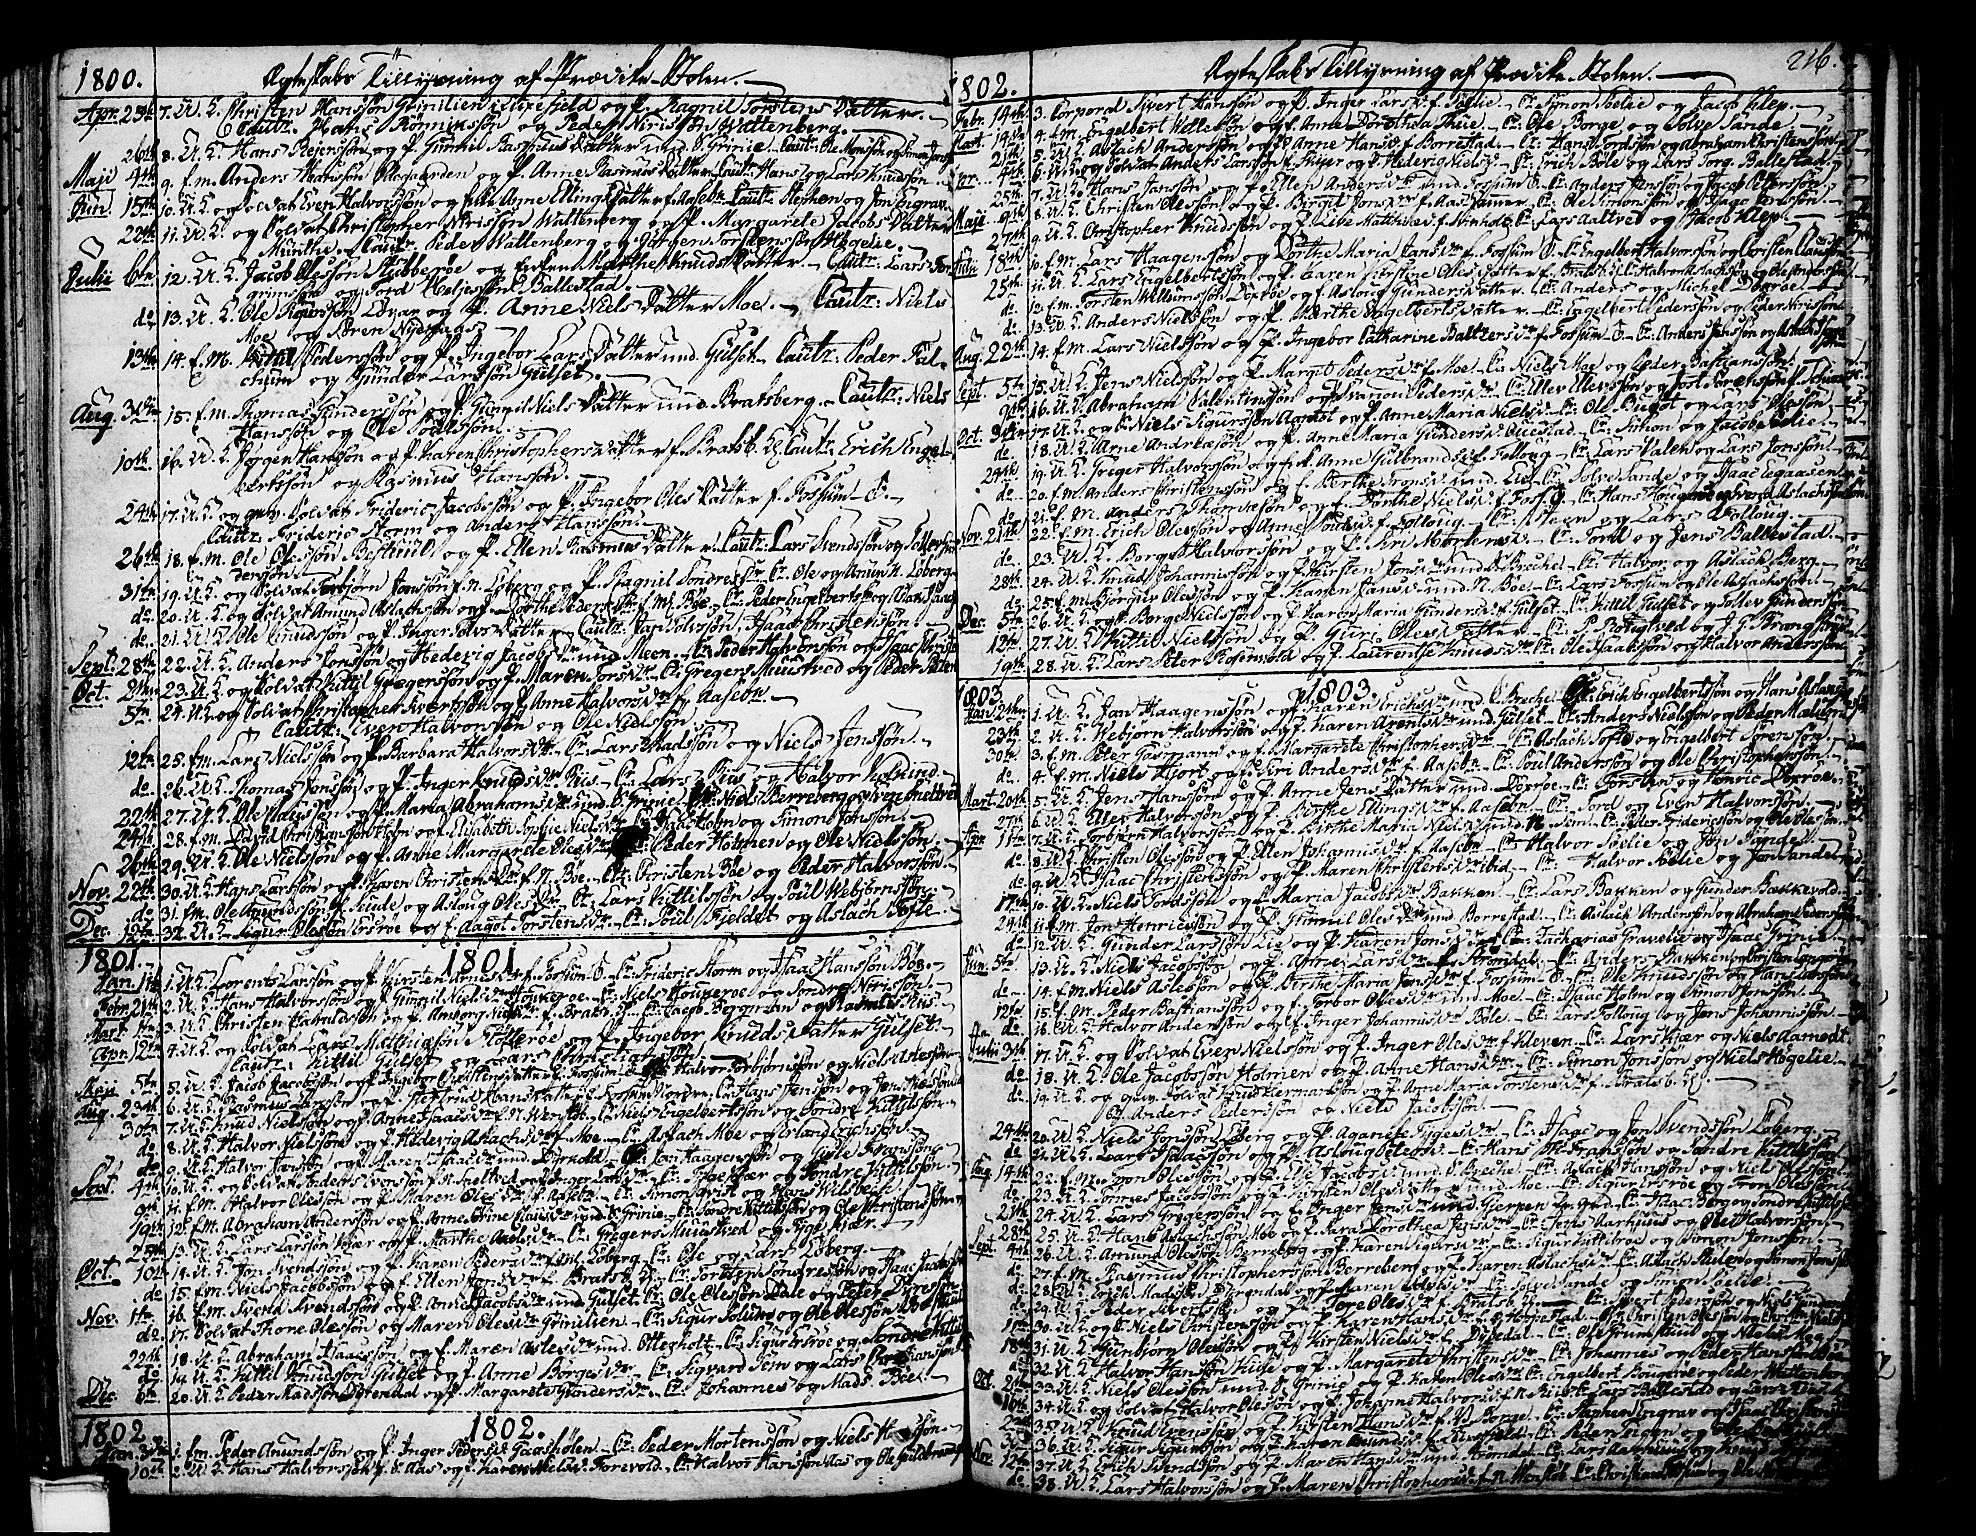 SAKO, Gjerpen kirkebøker, F/Fa/L0003: Ministerialbok nr. 3, 1796-1814, s. 216